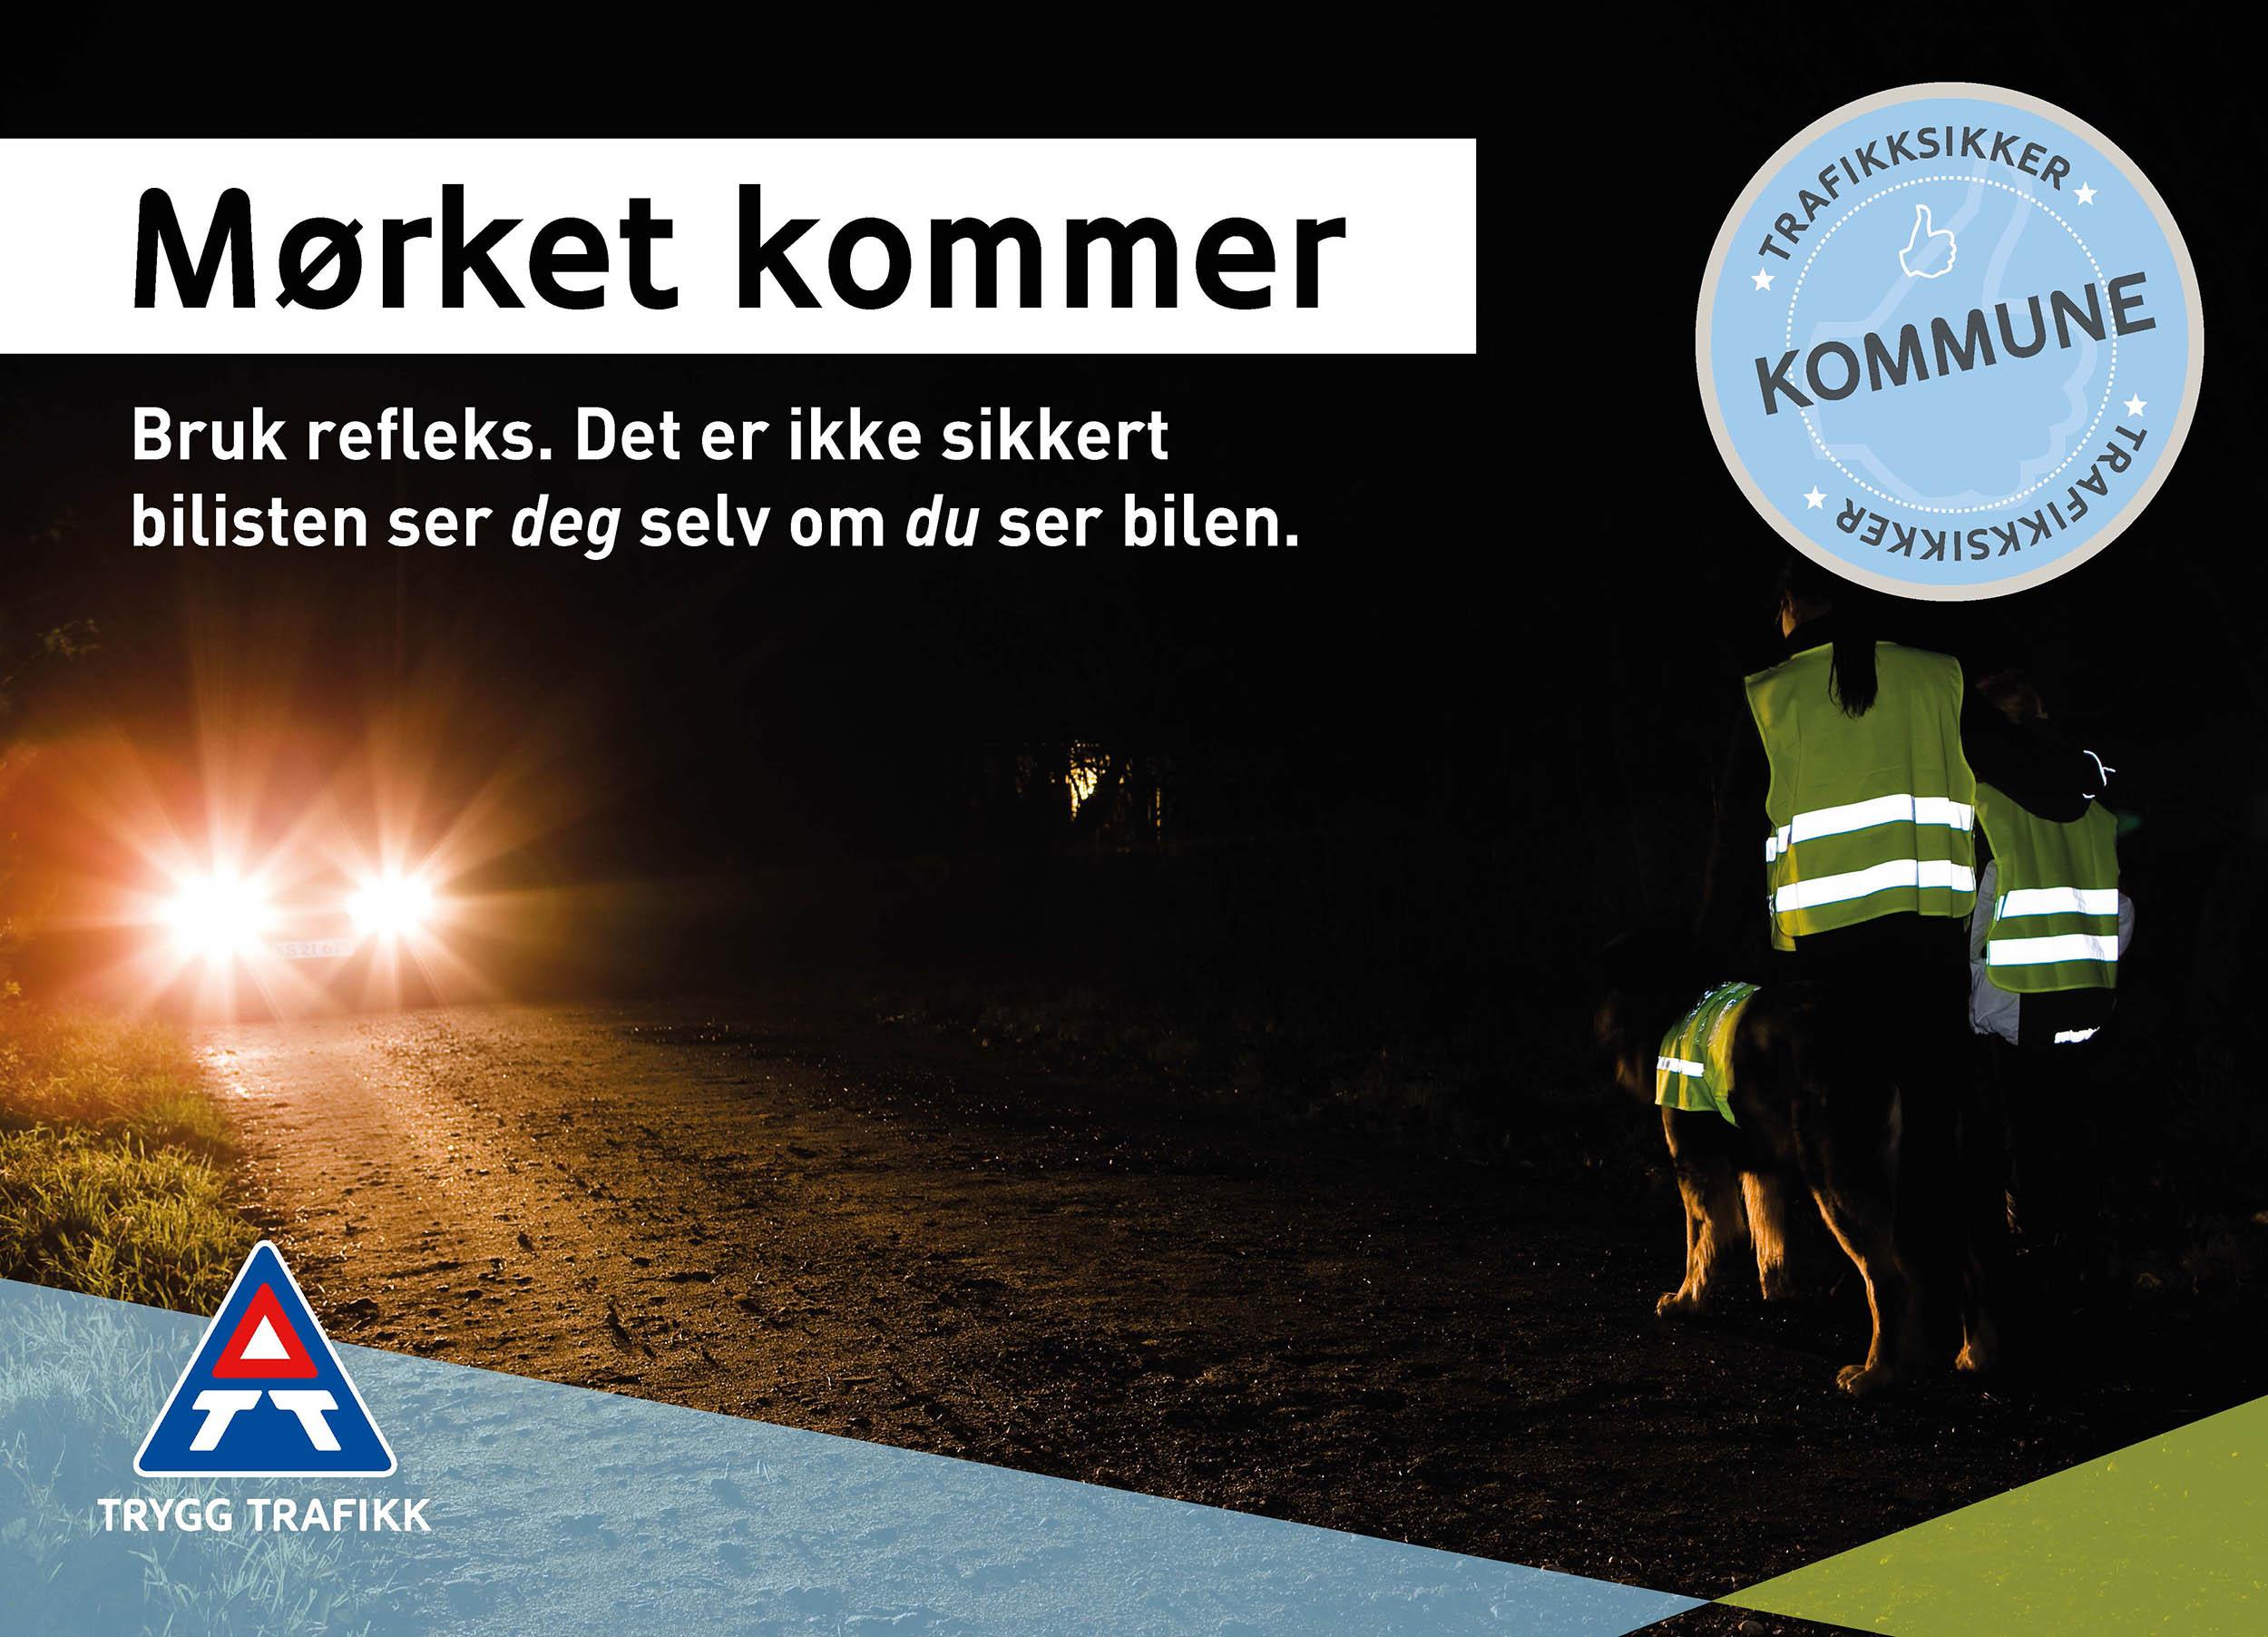 Trafikksikker-kommune-oktober-2020_2500x1800